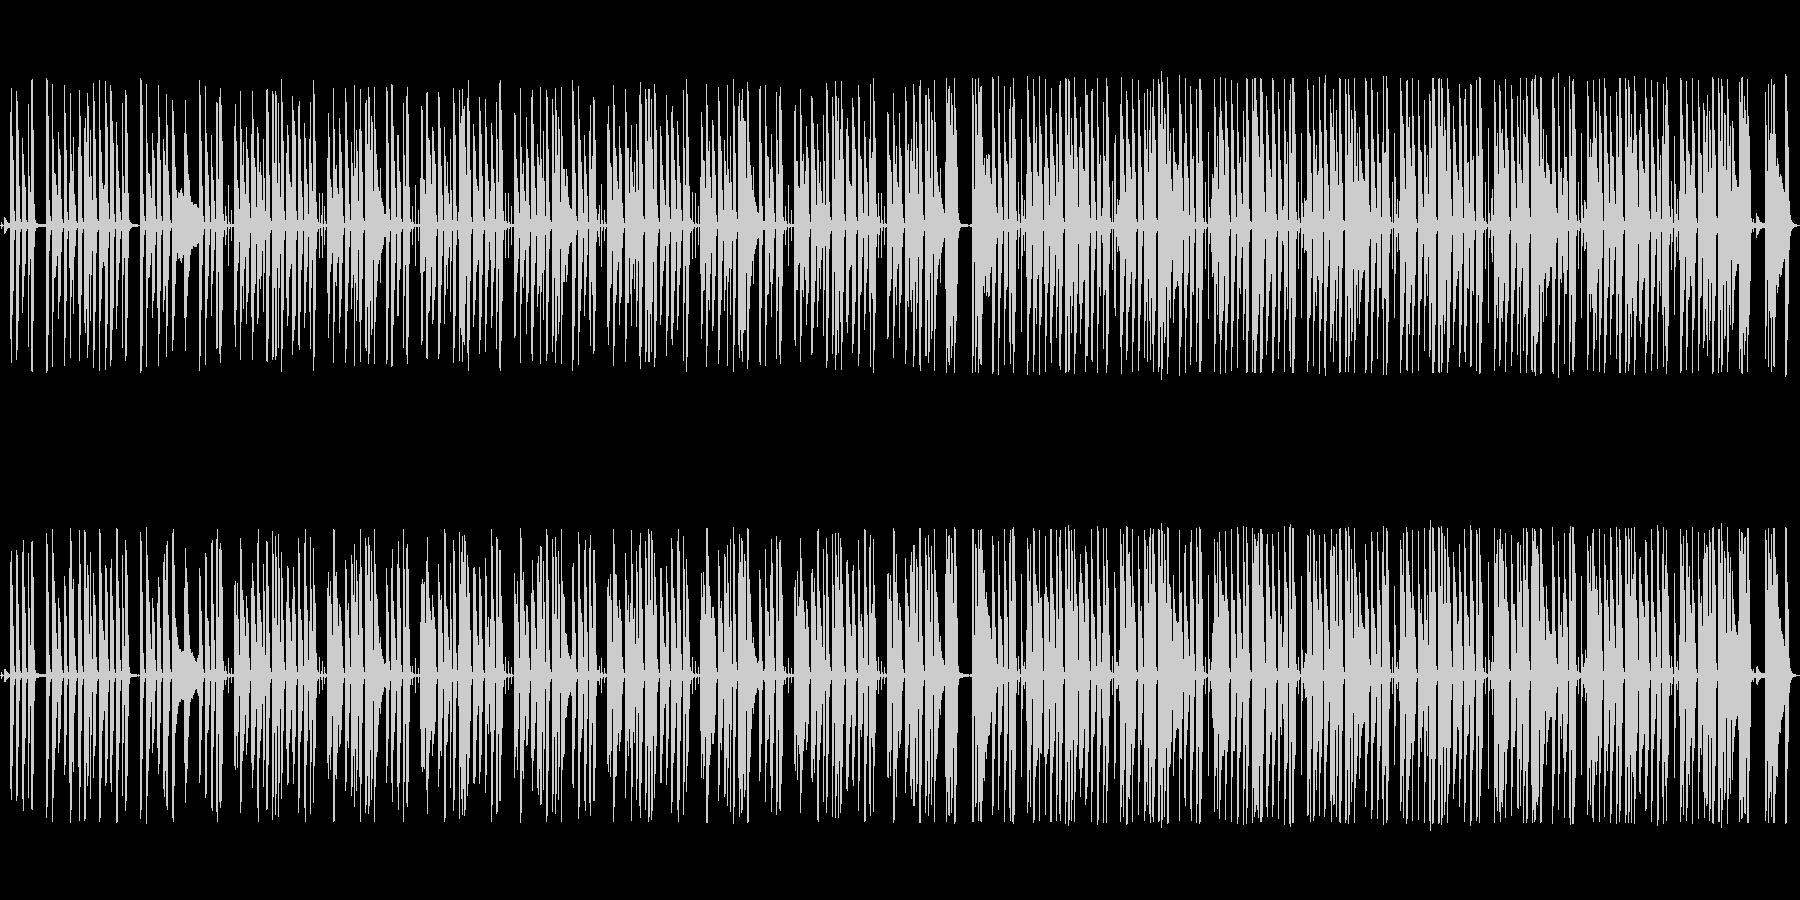 まったり・ぐだぐだな日常系ピアノ曲の未再生の波形